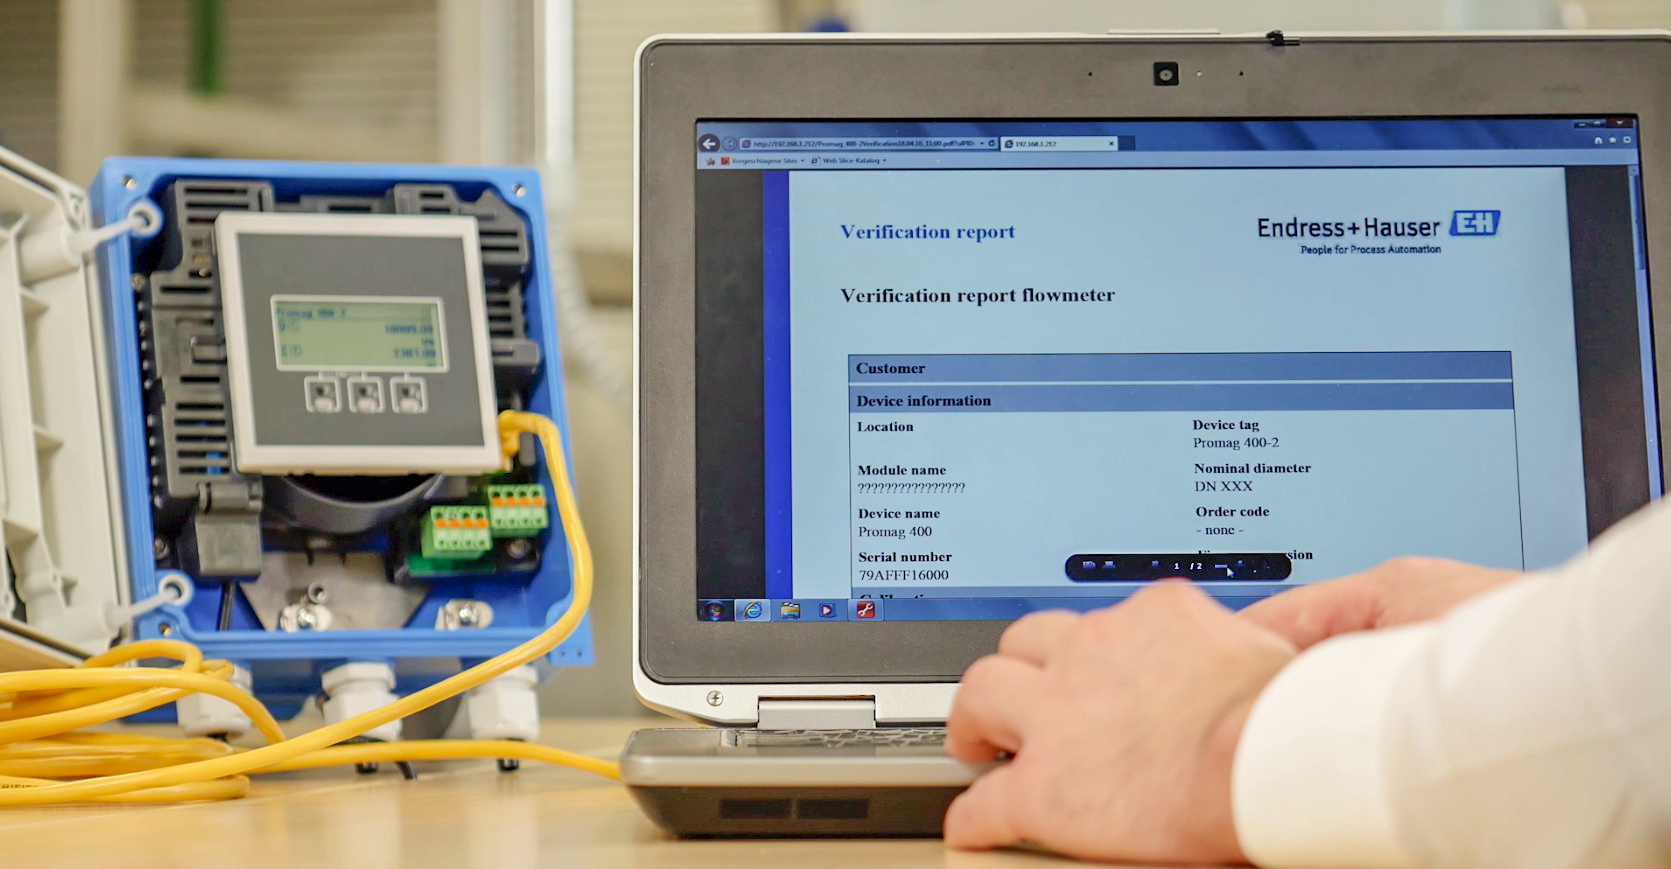 Fot. 2. Wysokie pokrycie diagnostyczne Heartbeat Technology pozwala na znaczne ograniczenie liczby tradycyjnych sprawdzeń i kalibracji przepływomierzy